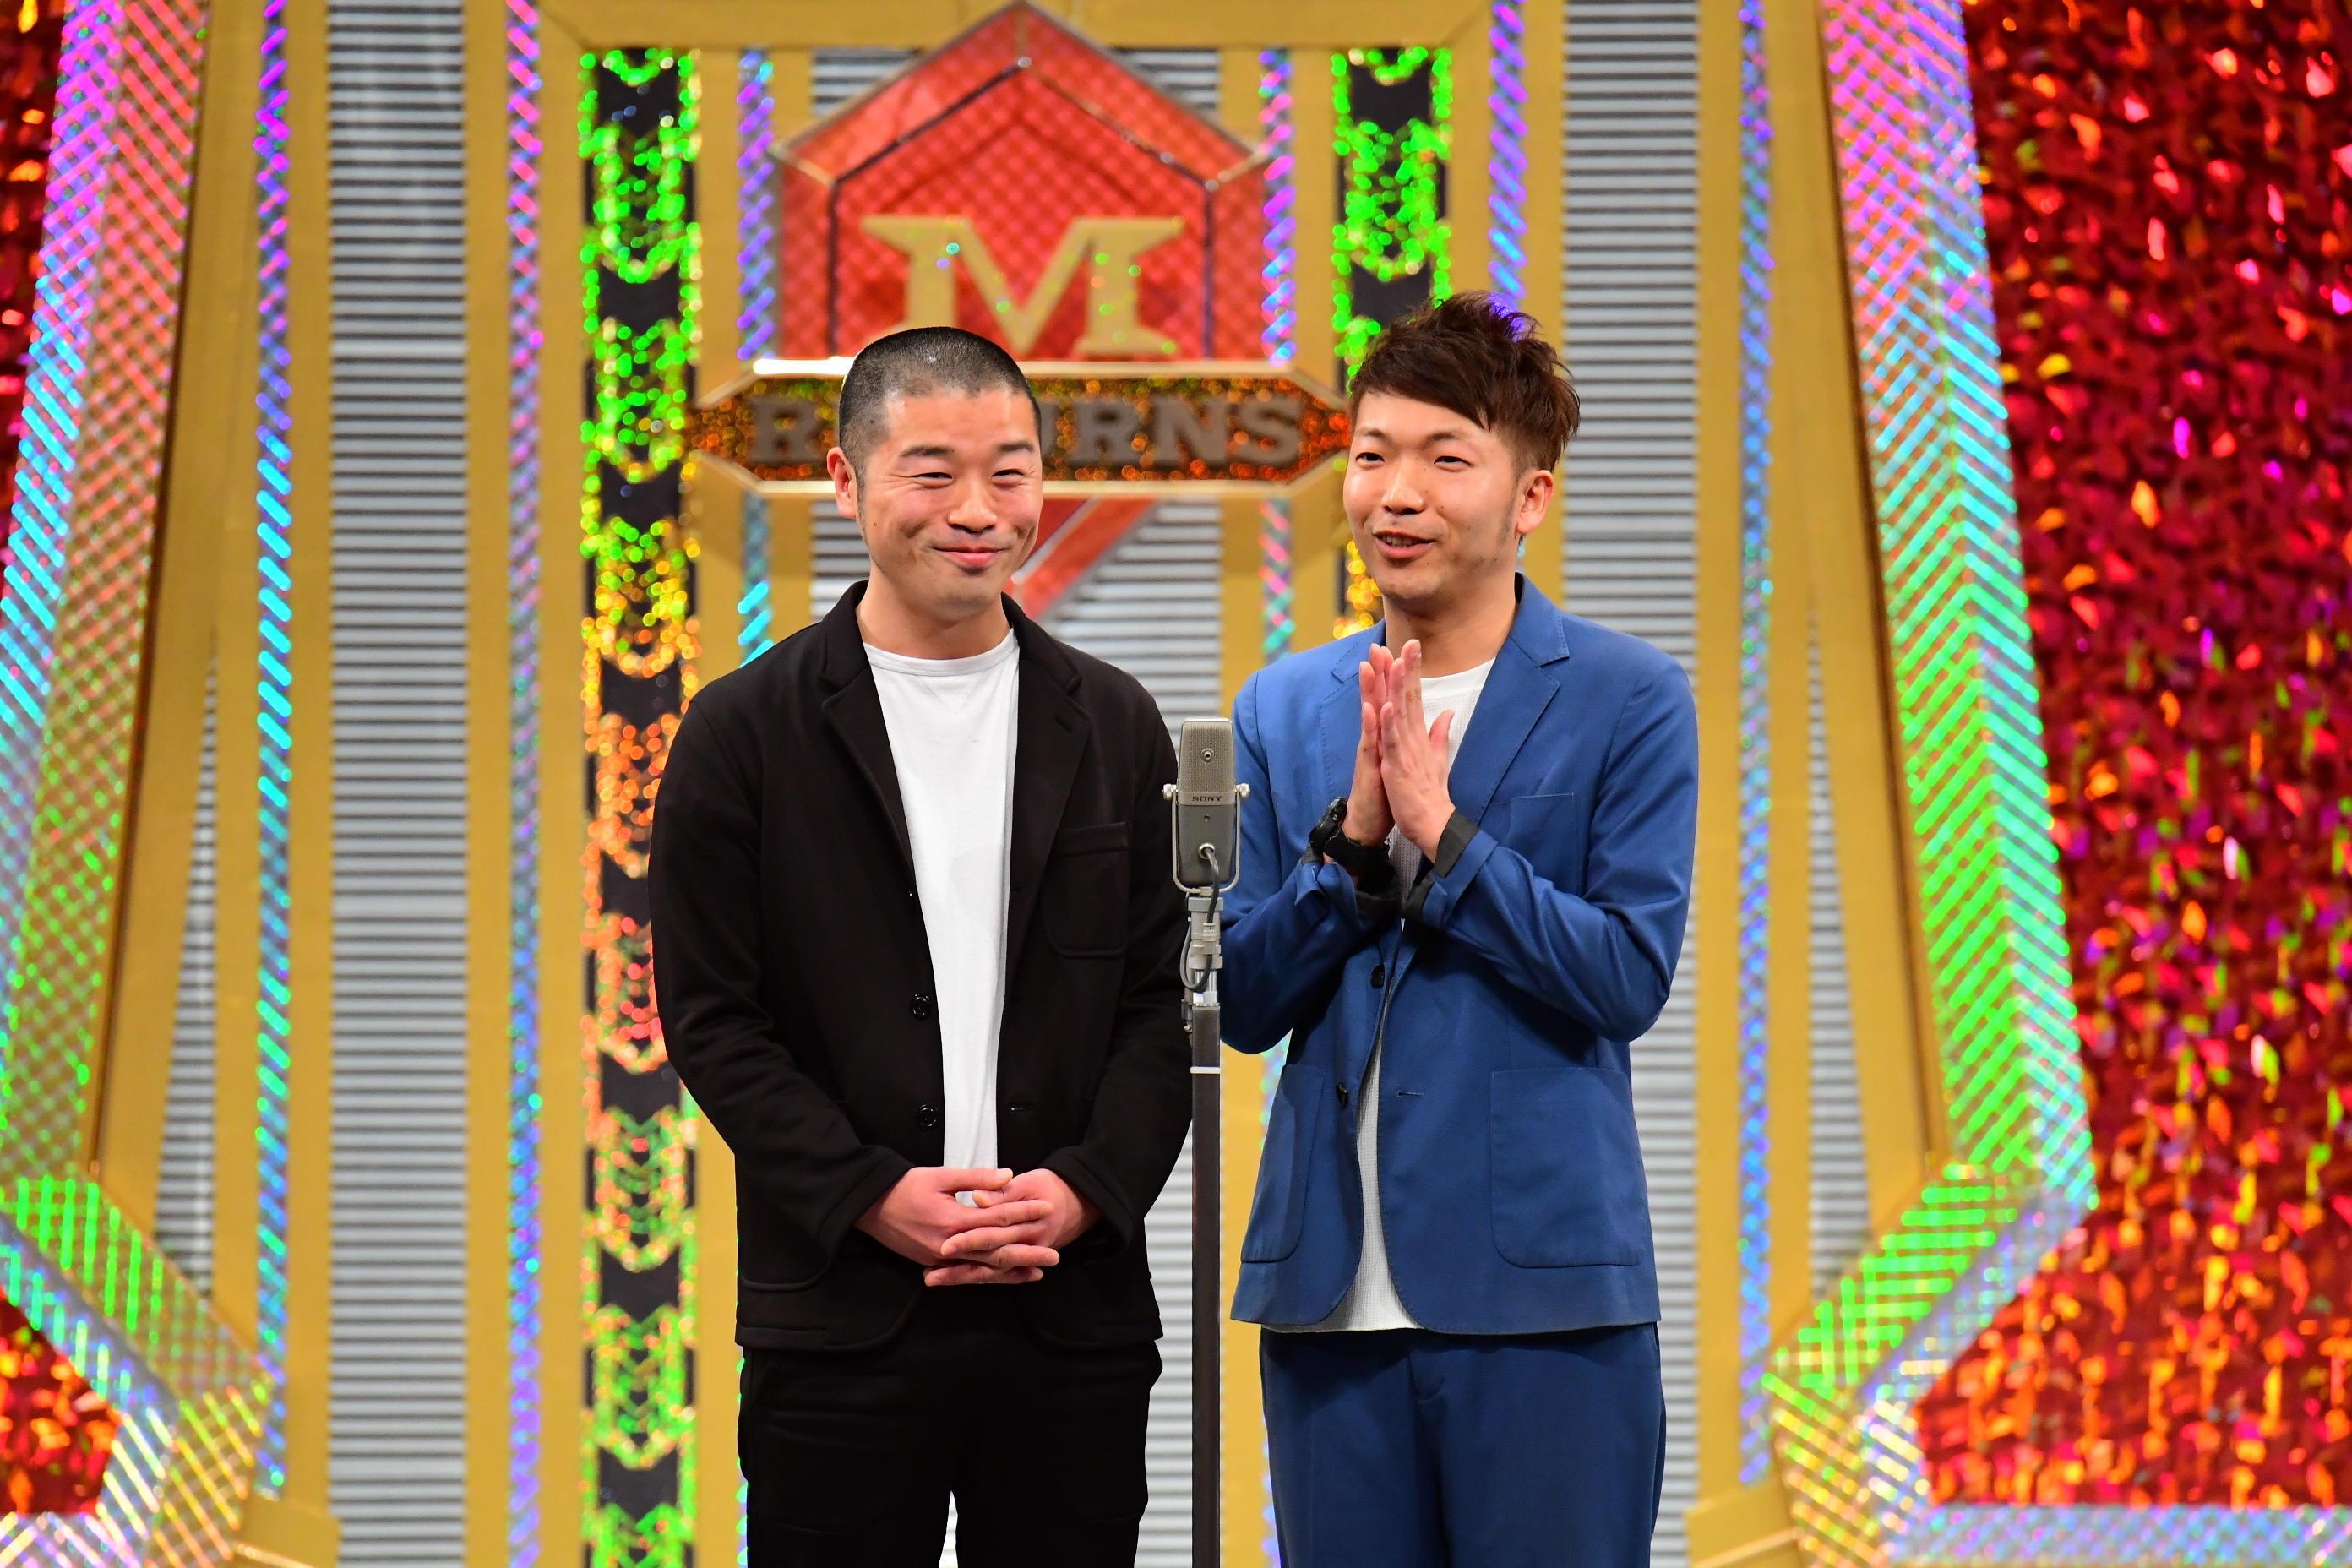 http://news.yoshimoto.co.jp/20170228155128-0b8df1dc3d8a370bc12ea3c440f5d6389598a71d.jpg